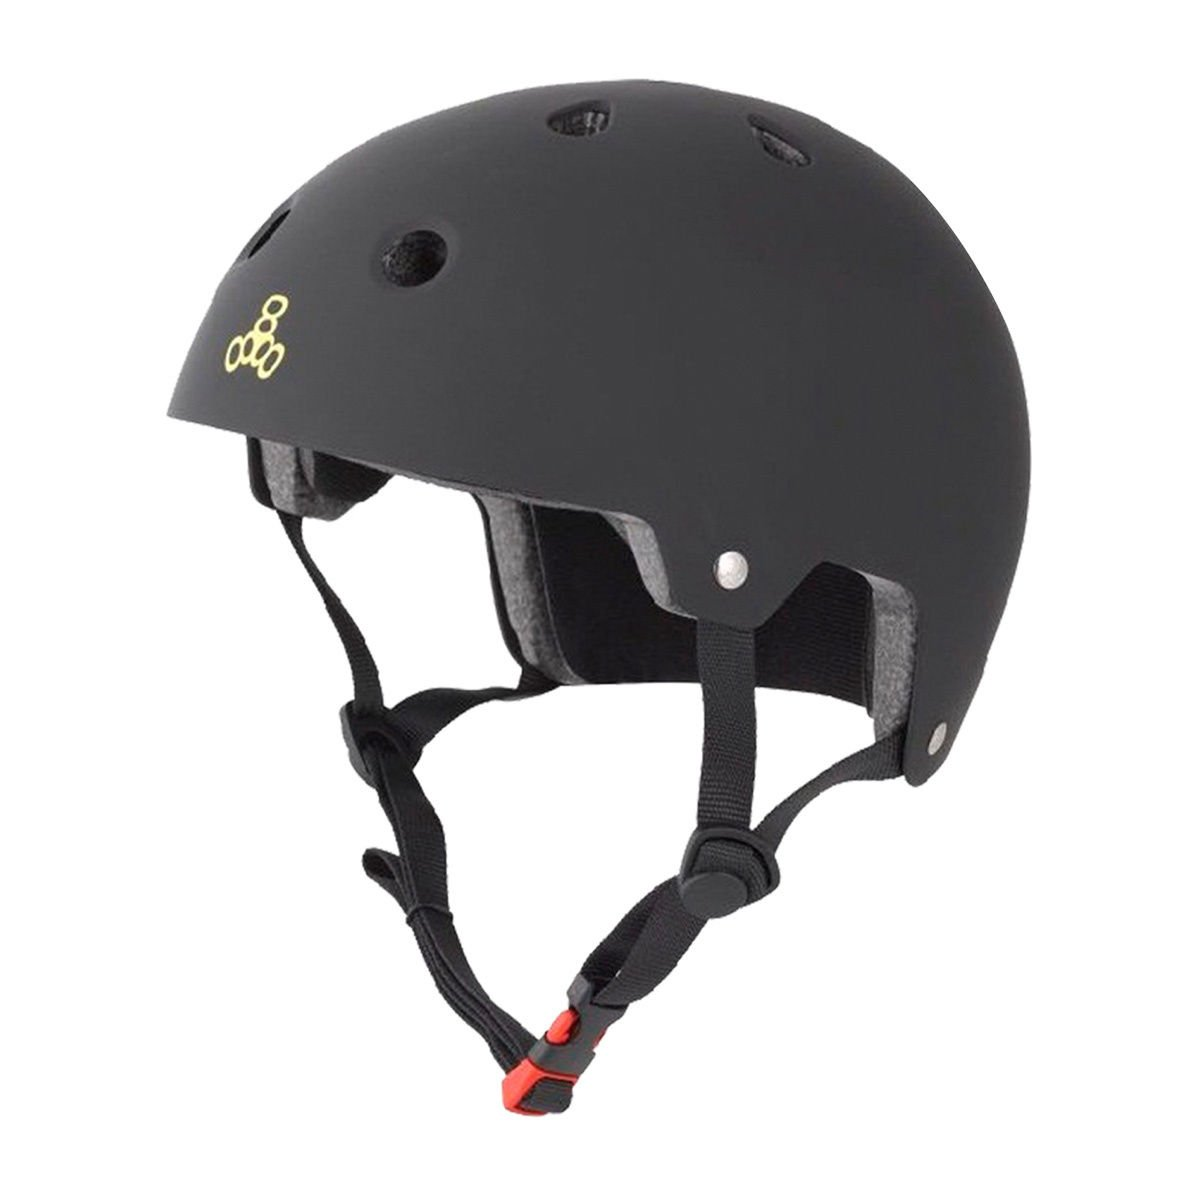 Triple 8 - Protection De Skate Casque Brainsaver Black Rubber - Taille:one Size